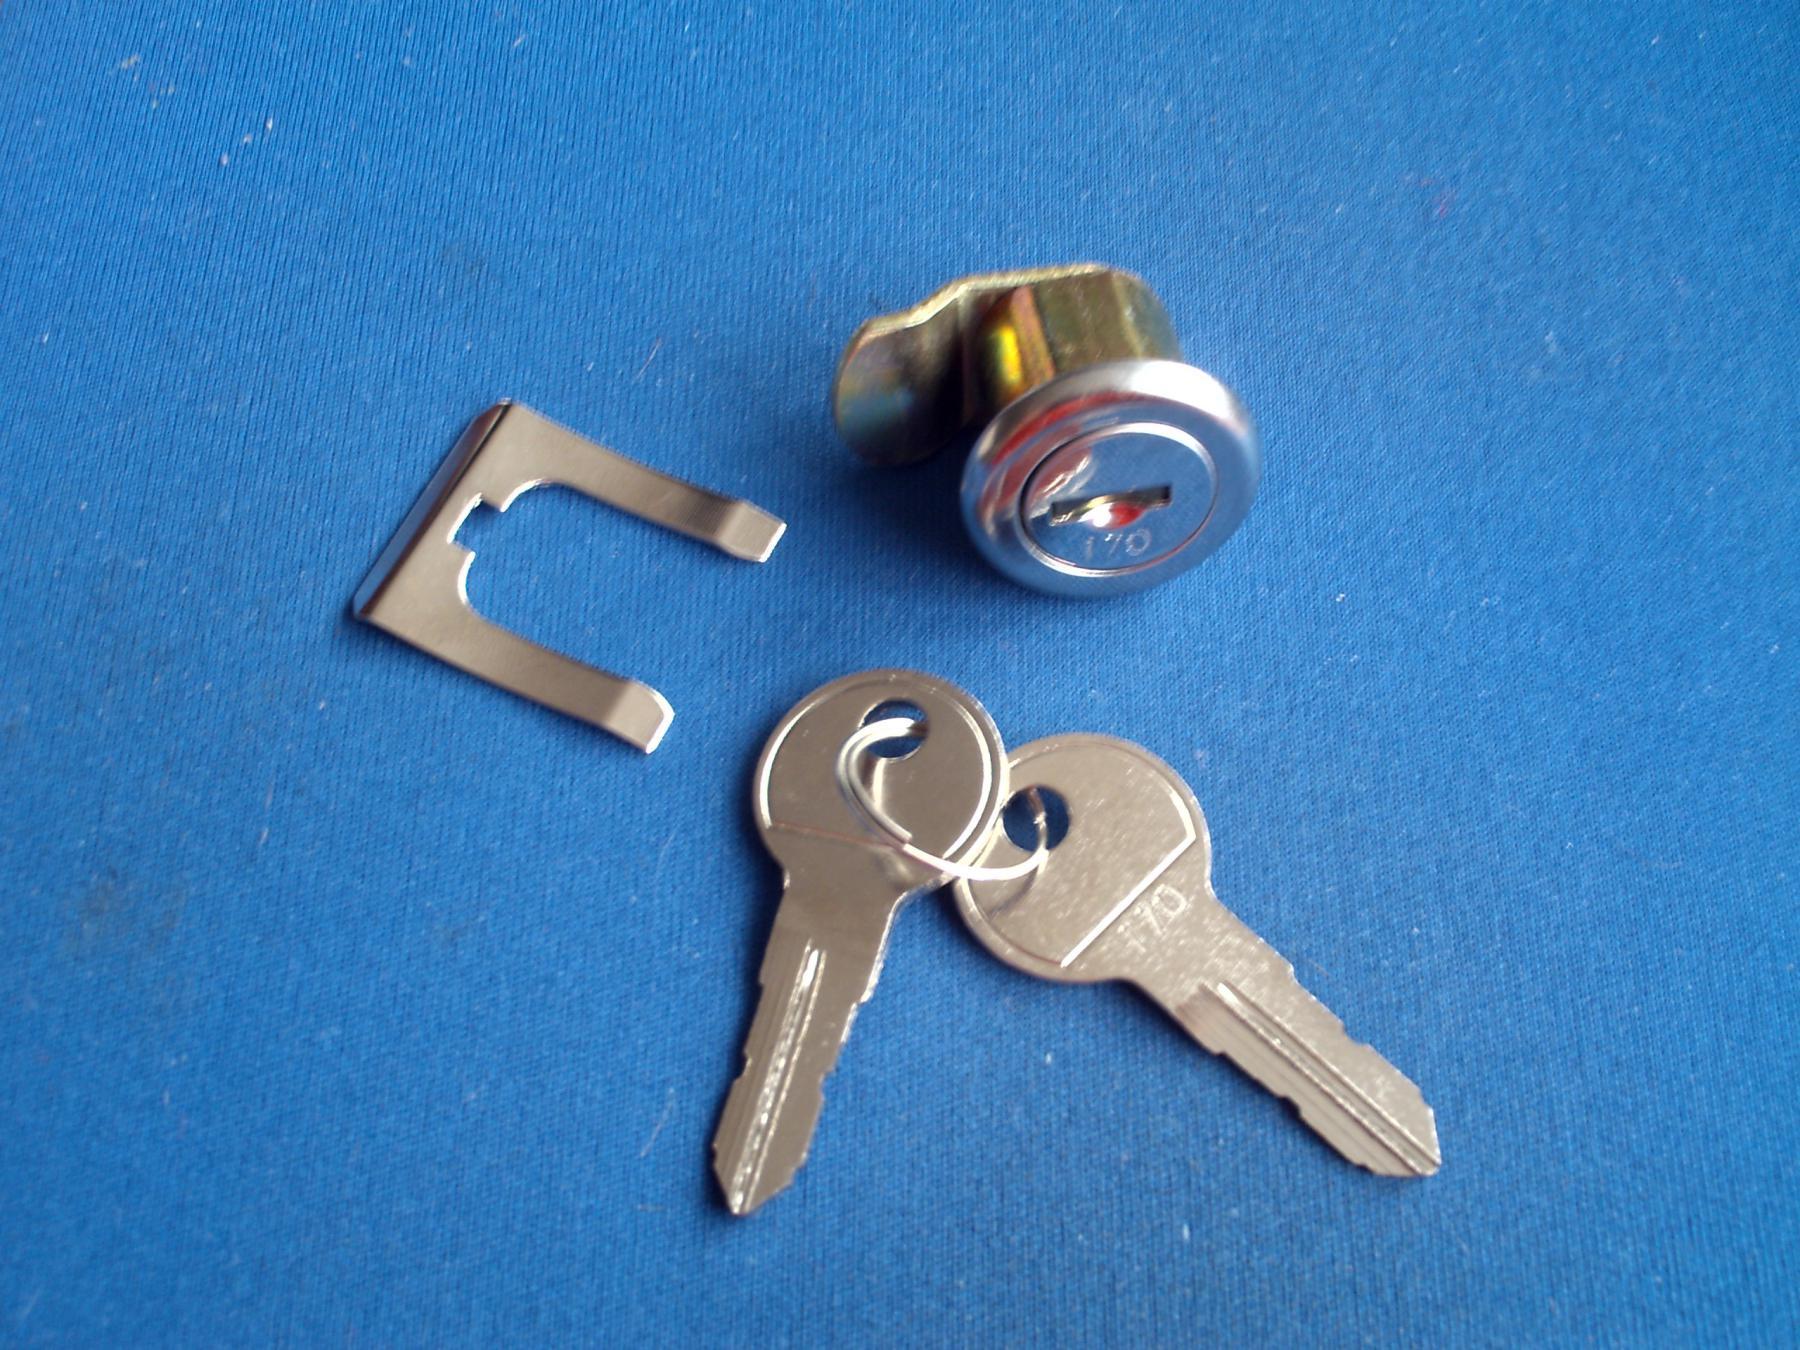 Briefkastenschloss//Hebelzlinder R1 passend für Renz 97-9-95085 mit 4 Schlüssel